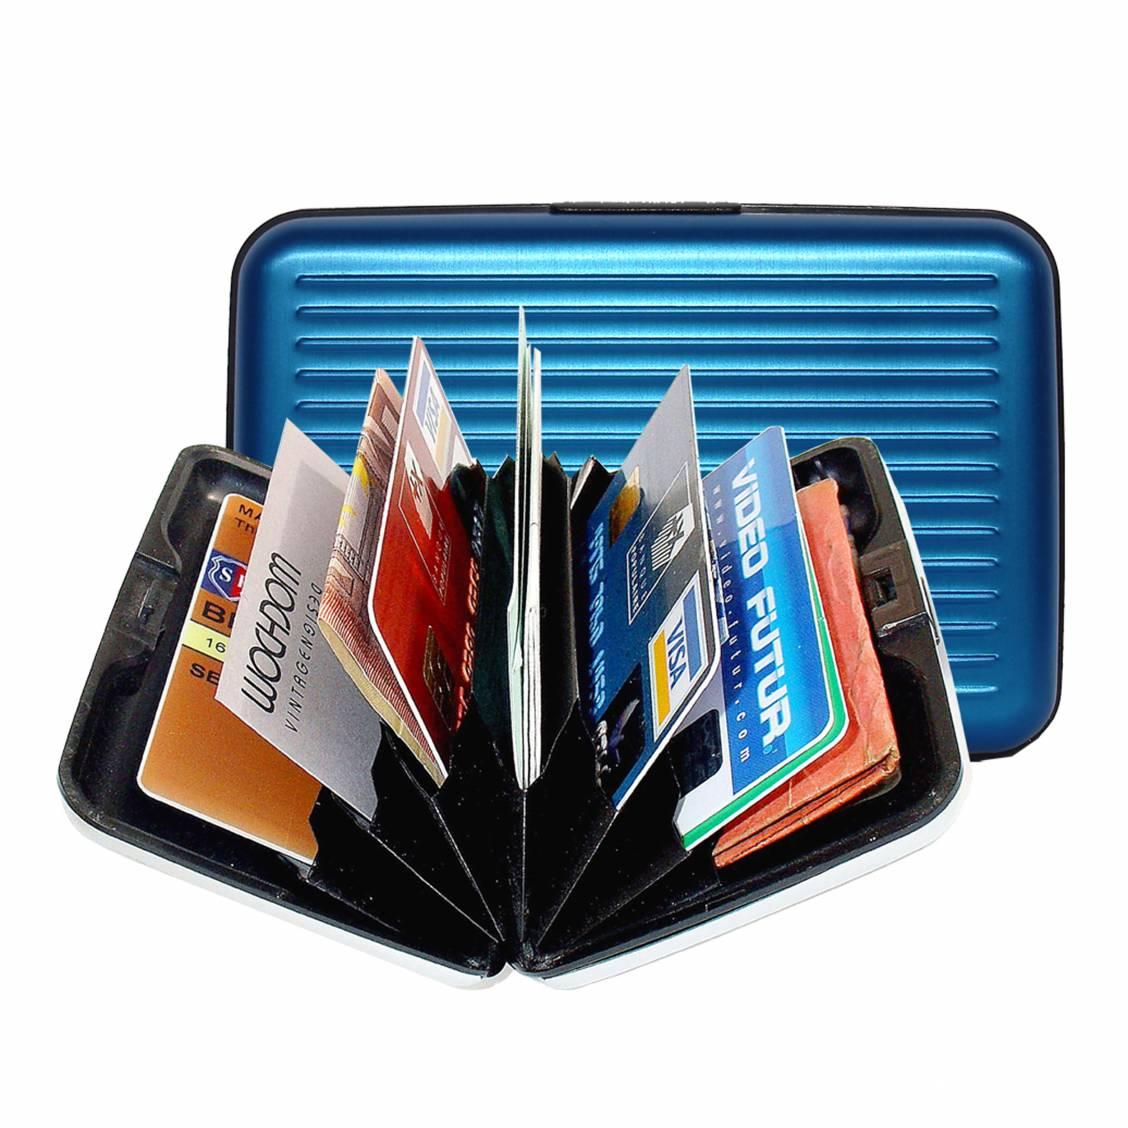 porte-cartes Ögon designs en aluminium bleu